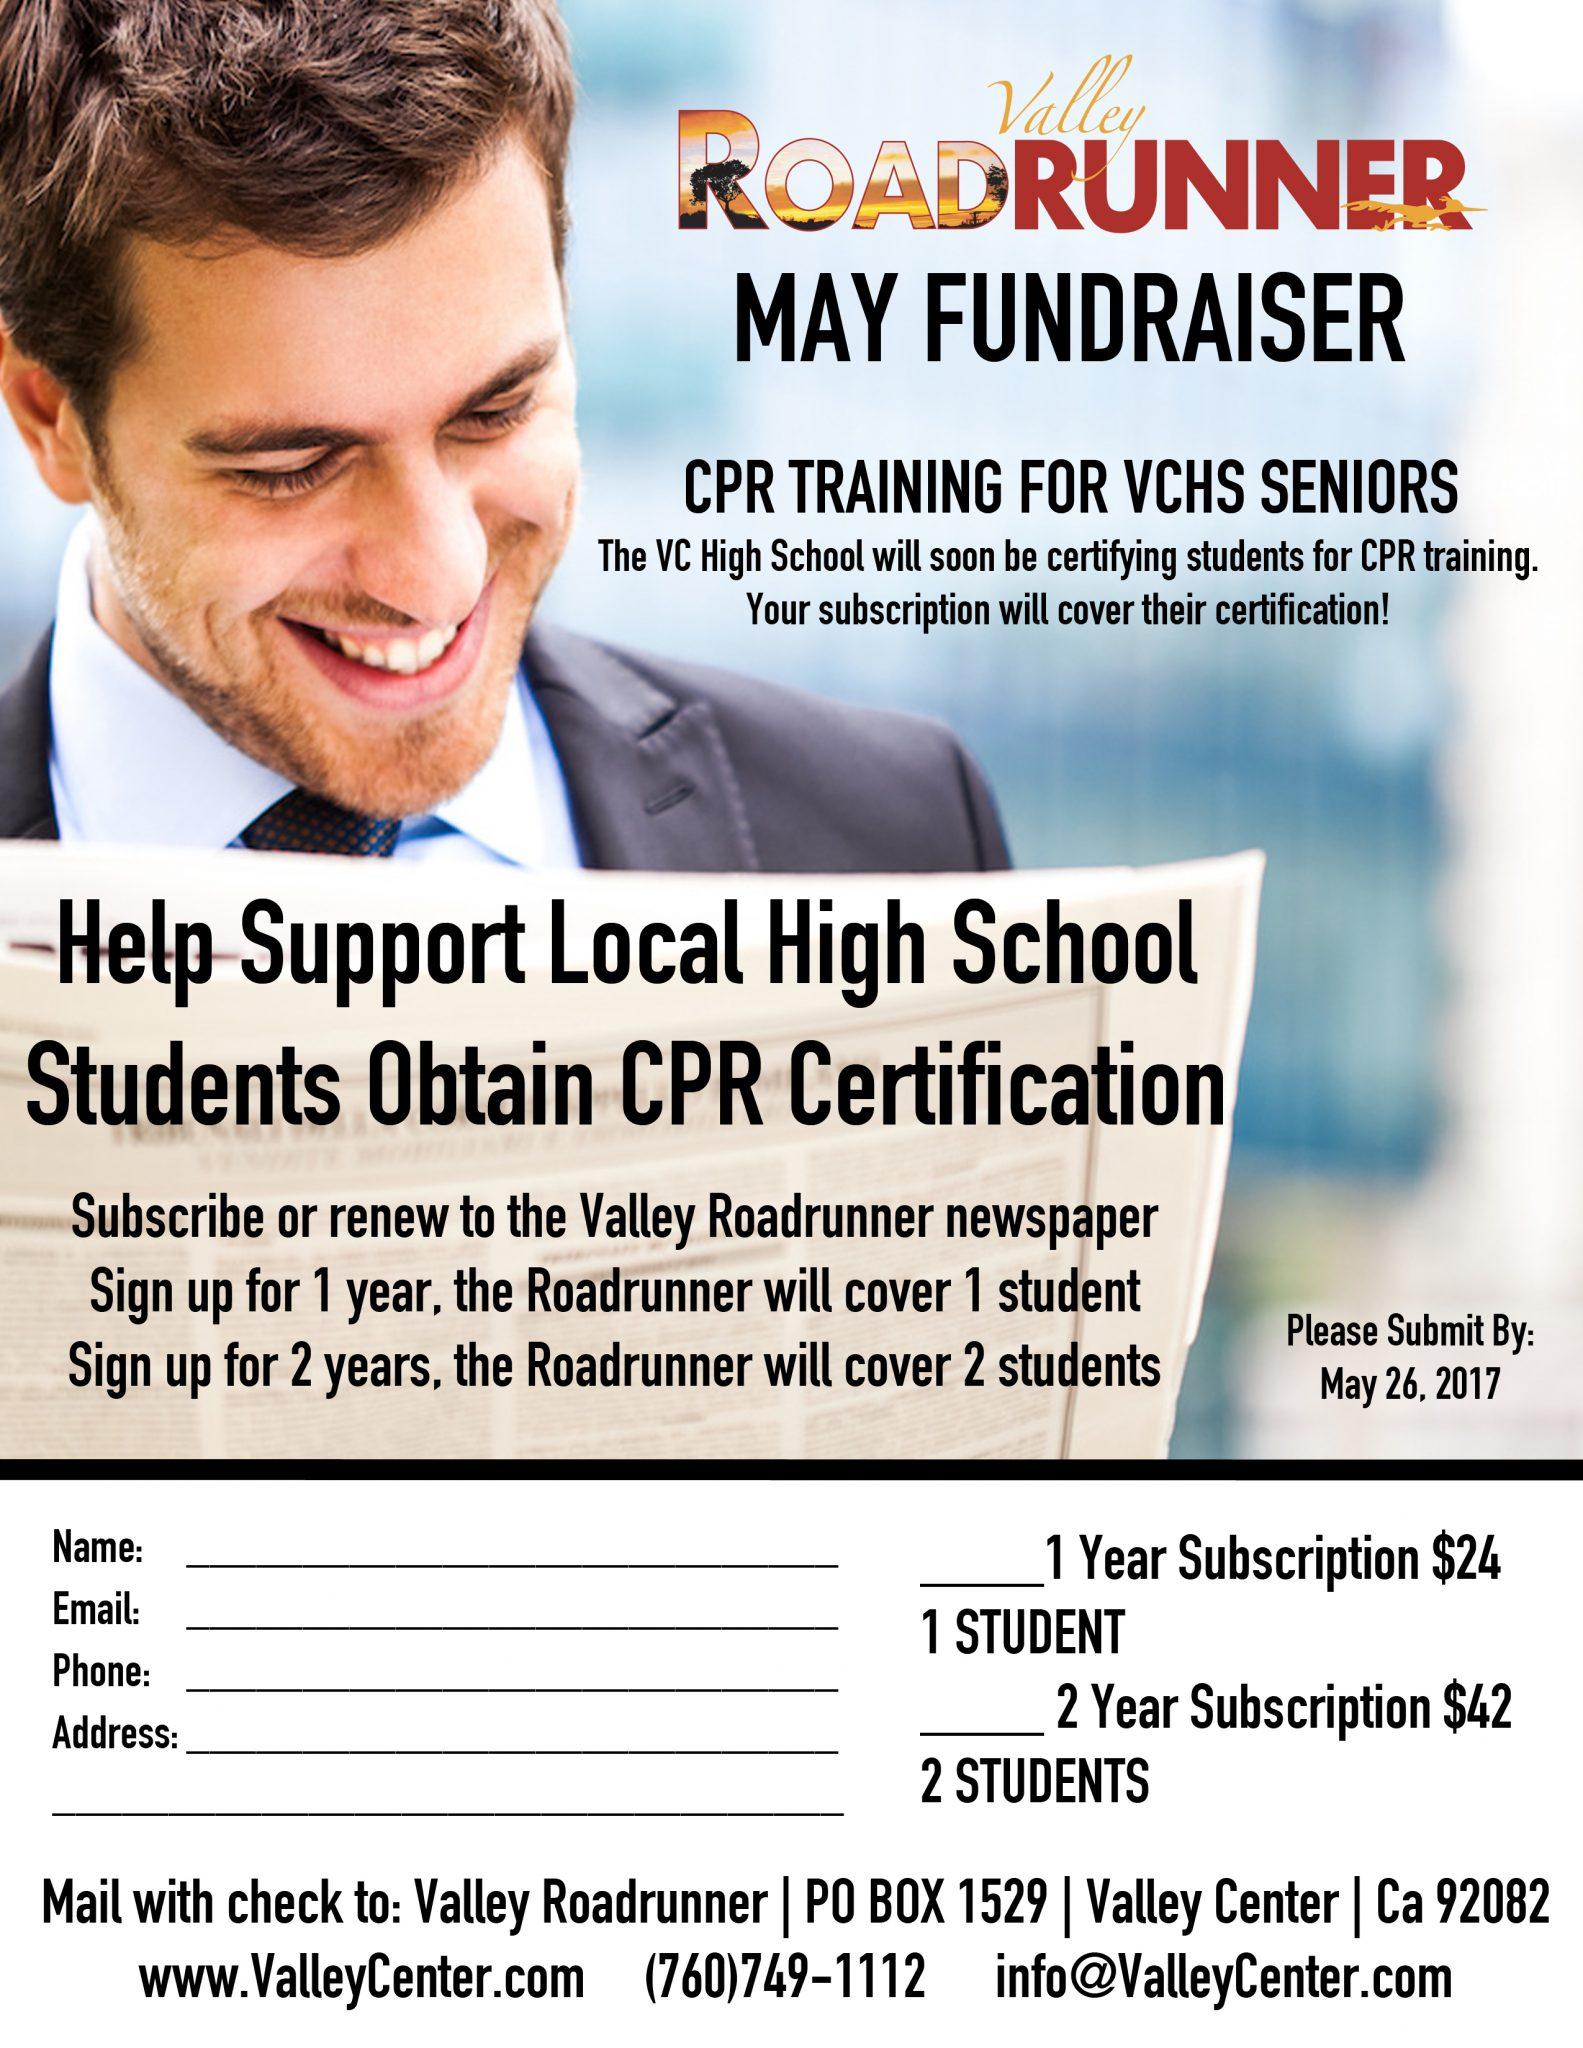 May Fundraiser Vchs Senior Cpr Certification Valley Roadrunner